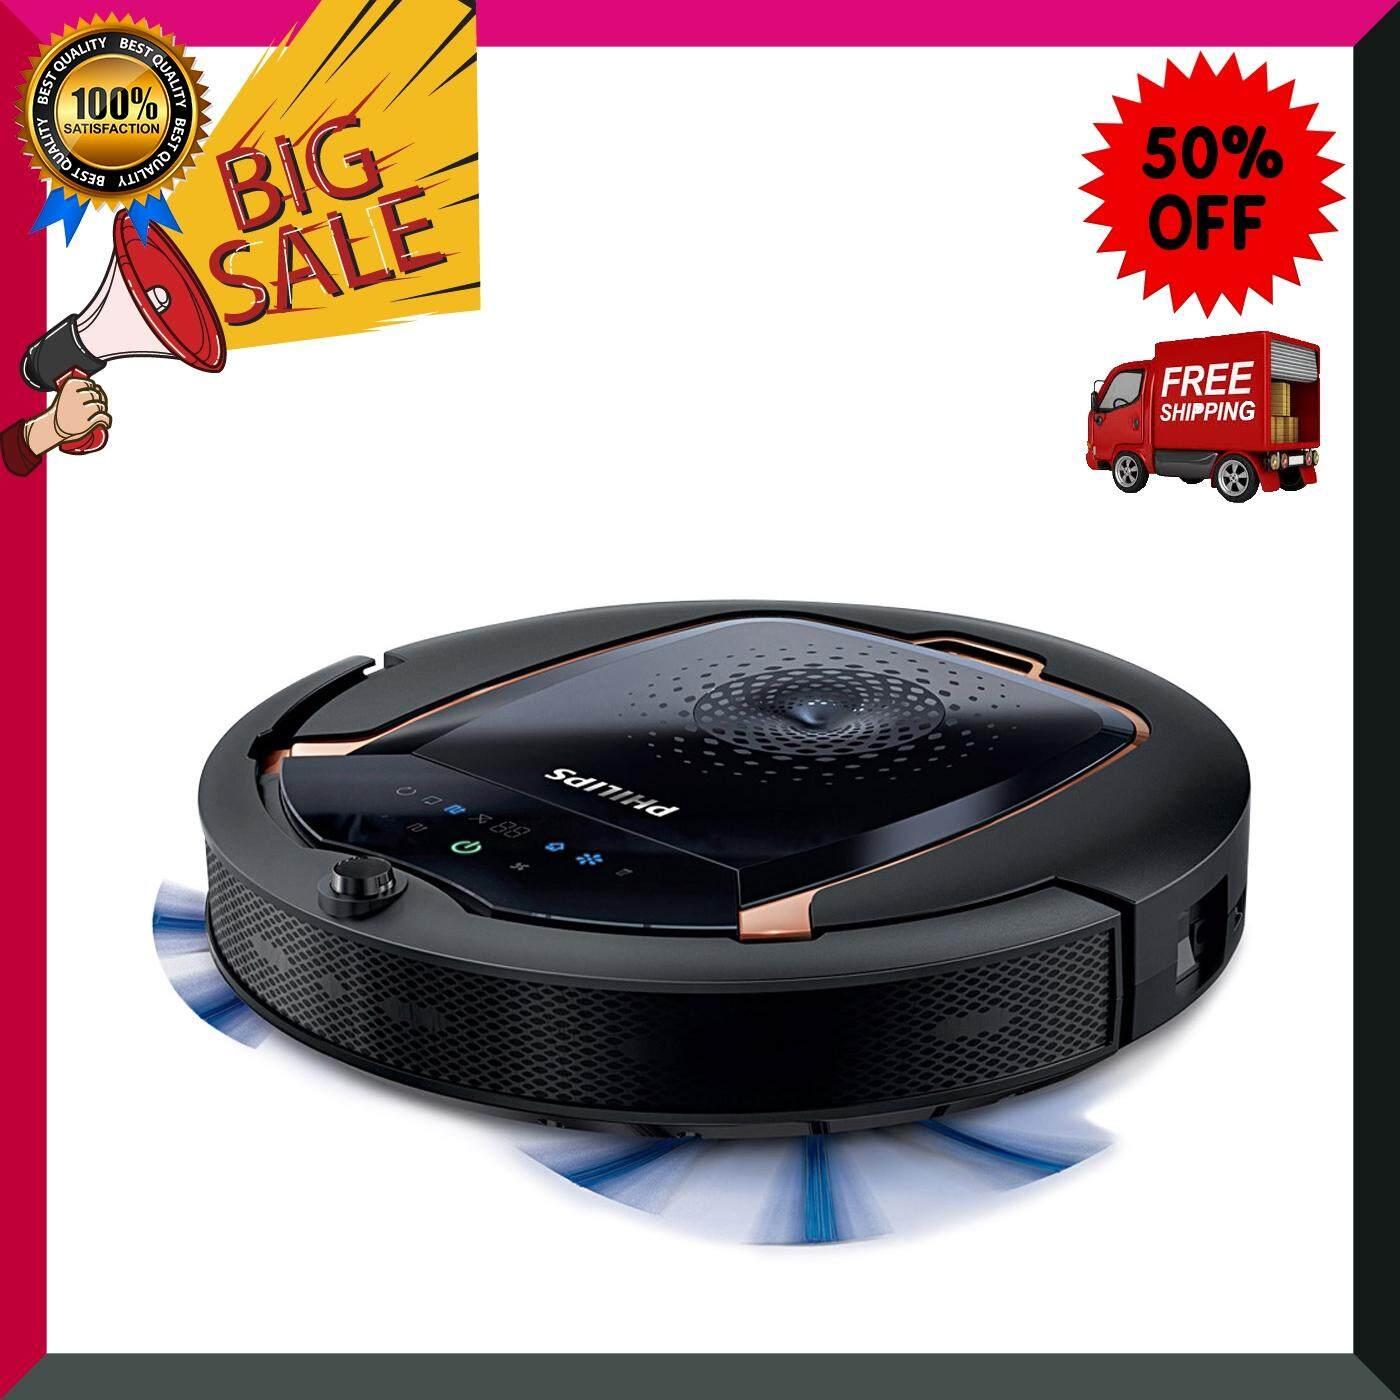 หุ่นยนต์ทำความสะอาด PHILIPS รุ่น FC8820 สีดำ เครื่องดูดฝุ่น เครื่องทำความสะอาด เครื่องดูดฝุ่นอัตโนมัติ หุ่นยนต์ดูดฝุ่น Vacuum Cleaner สินค้าคุณภาพ Premium ***จัดส่งฟรี***